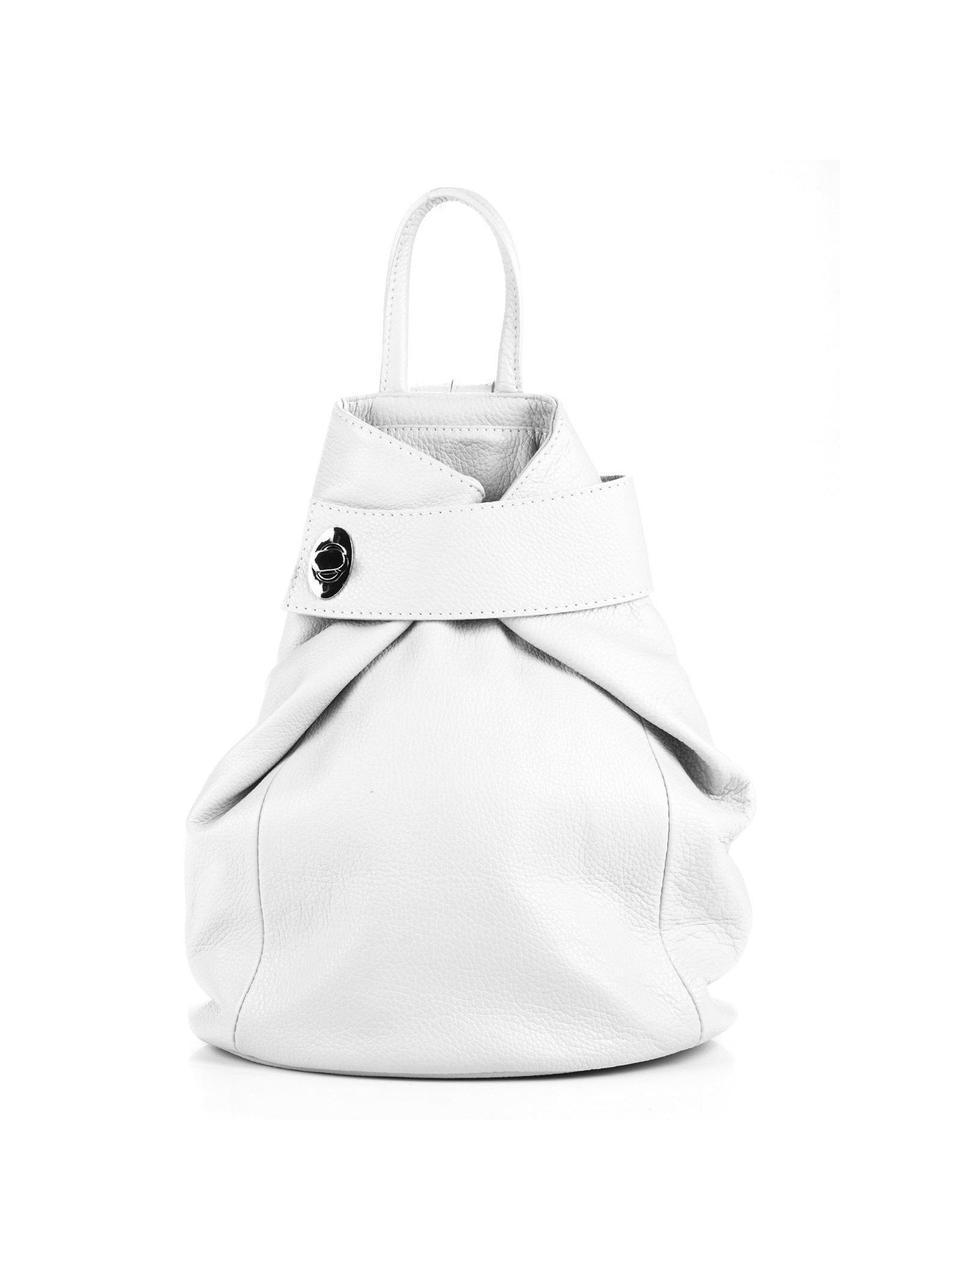 Женский кожаный рюкзак LATISHA Diva's Bag цвет белый